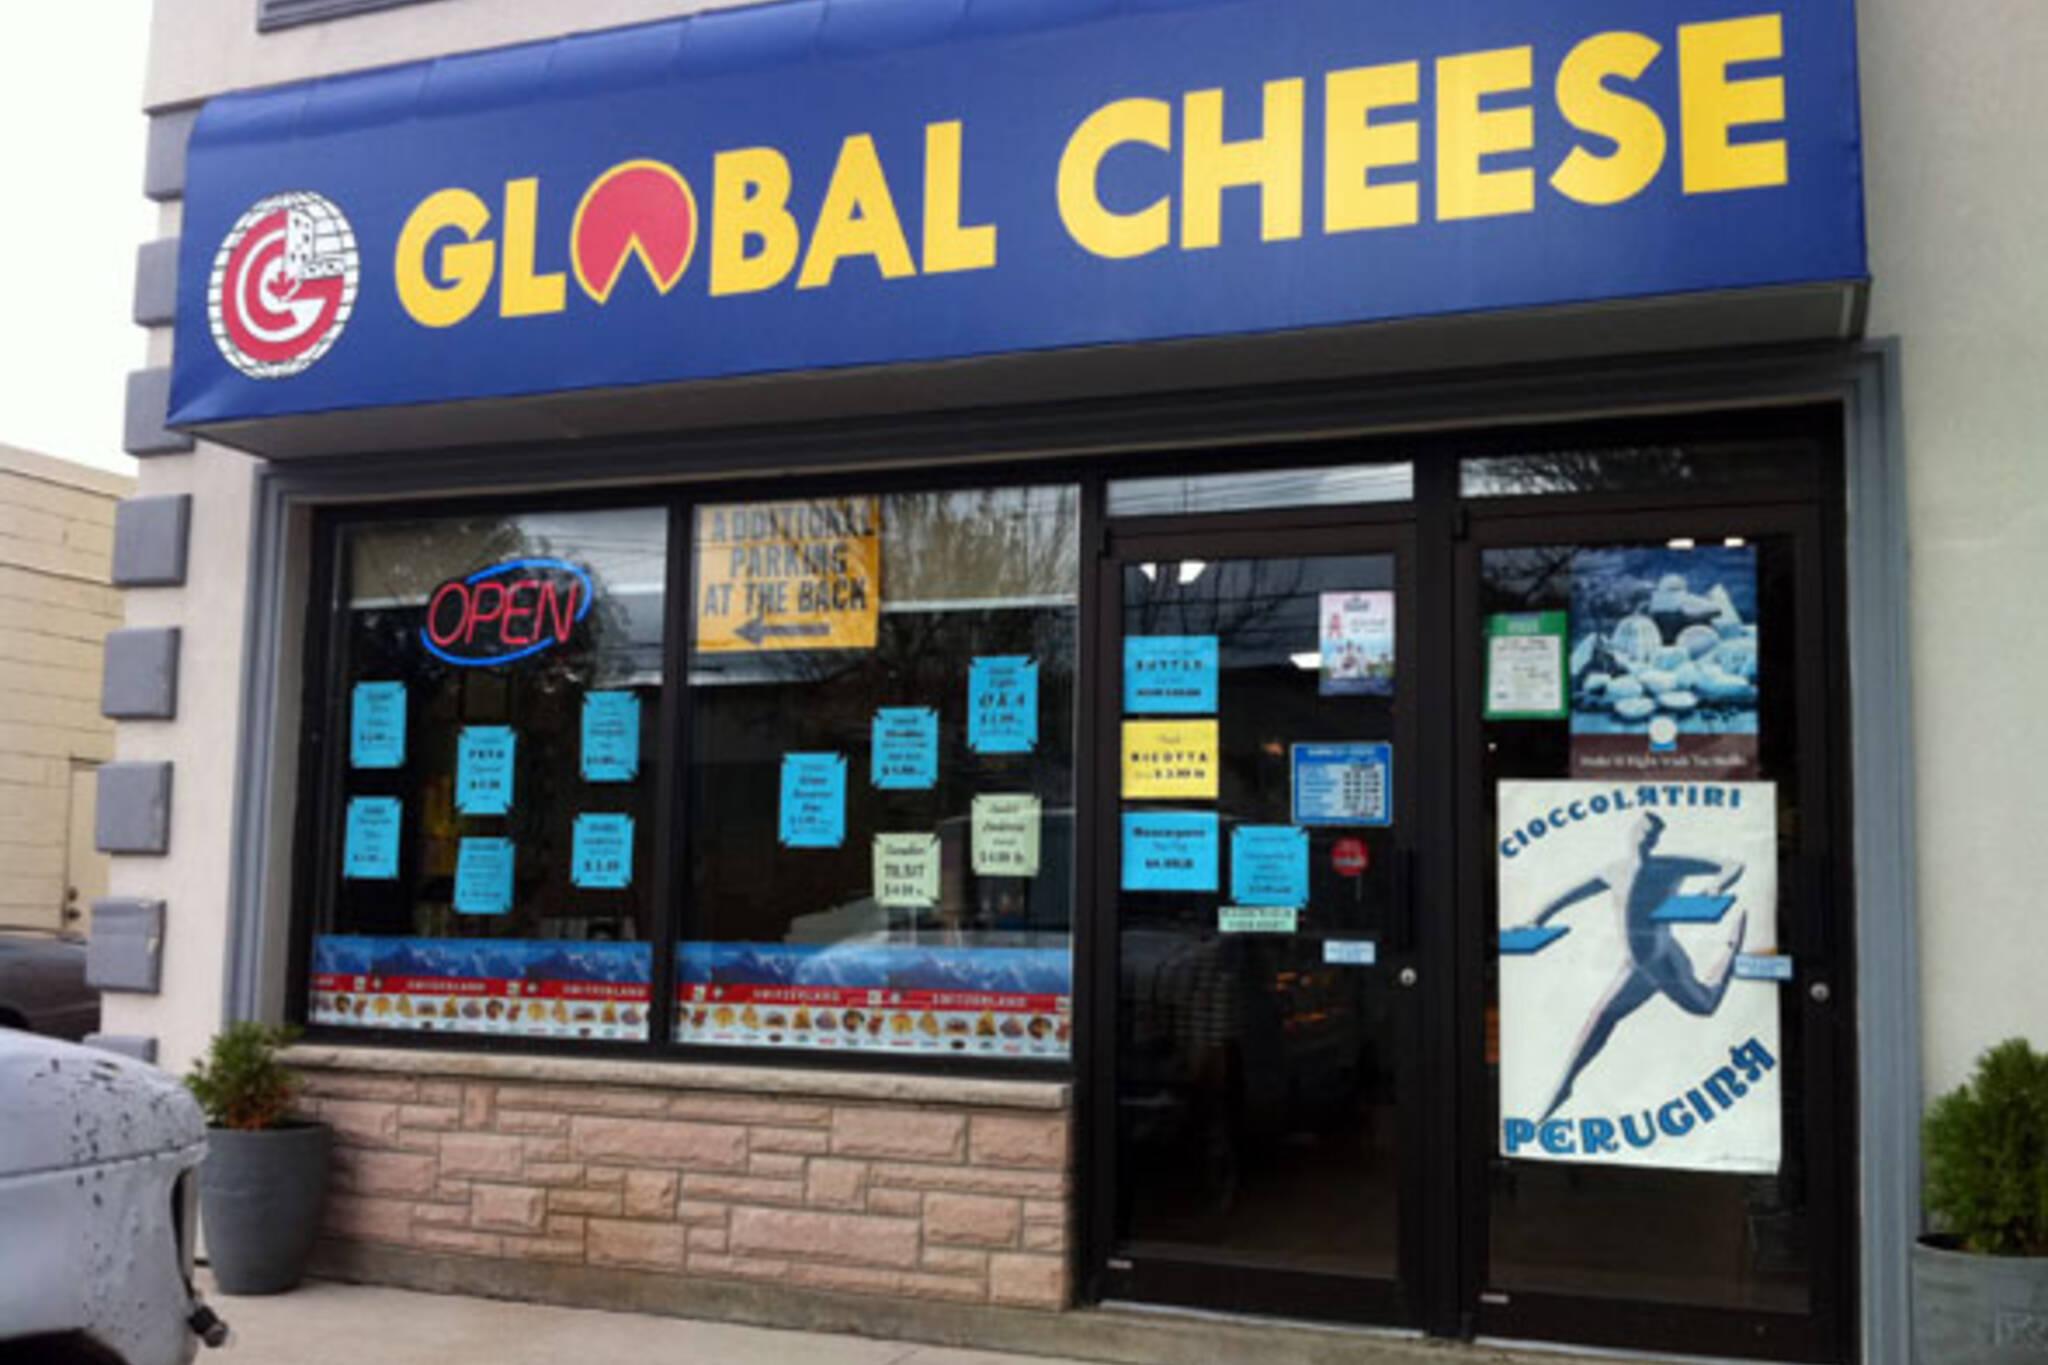 Global Cheese